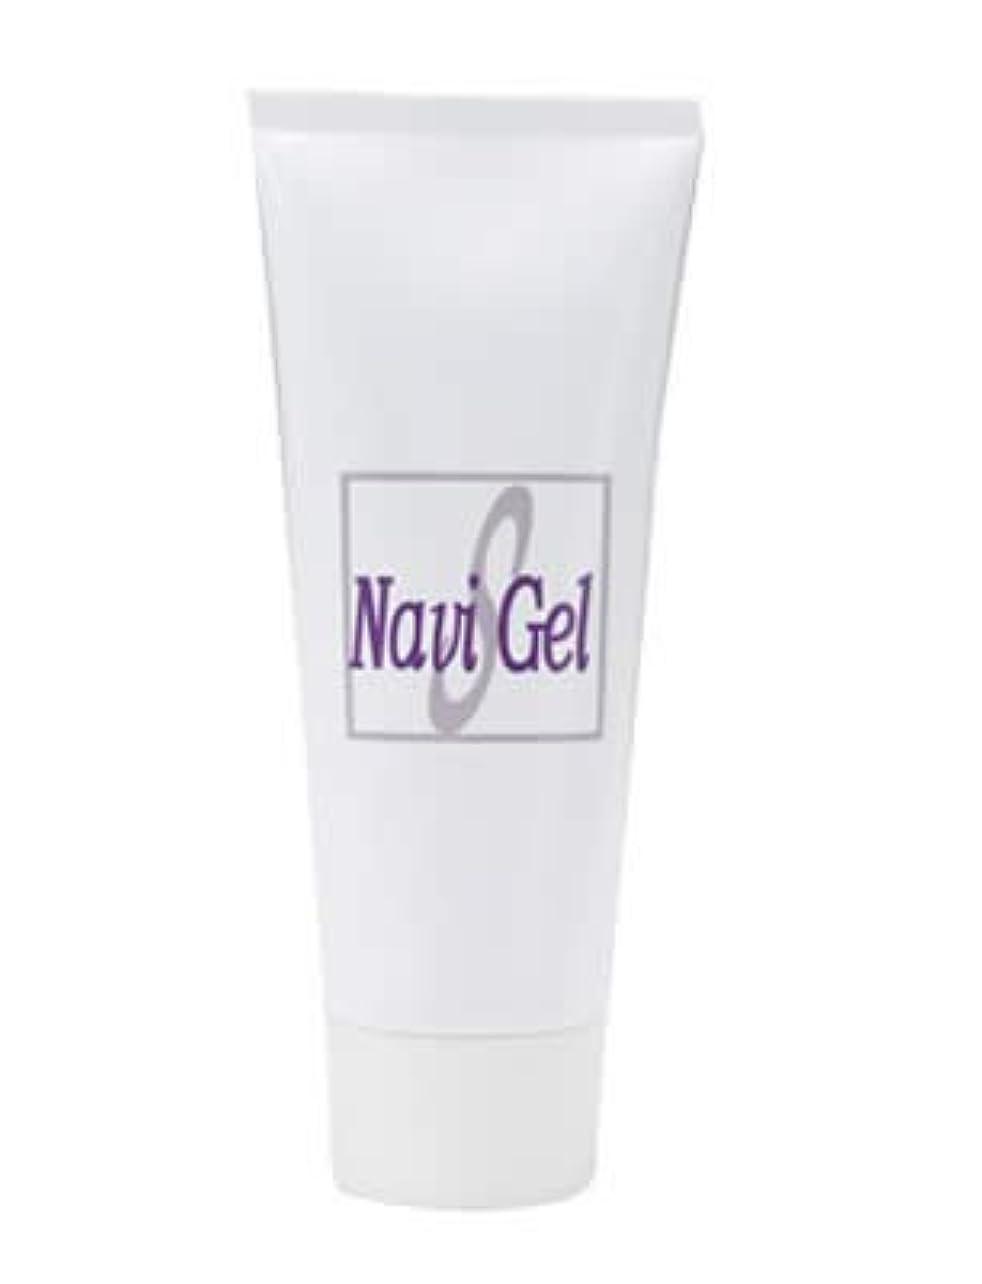 知覚協力凝視ナビジェル 美顔器ジェル 潤滑ジェル EMS機器などを使用する時に効果を出やすくする 美容ジェル